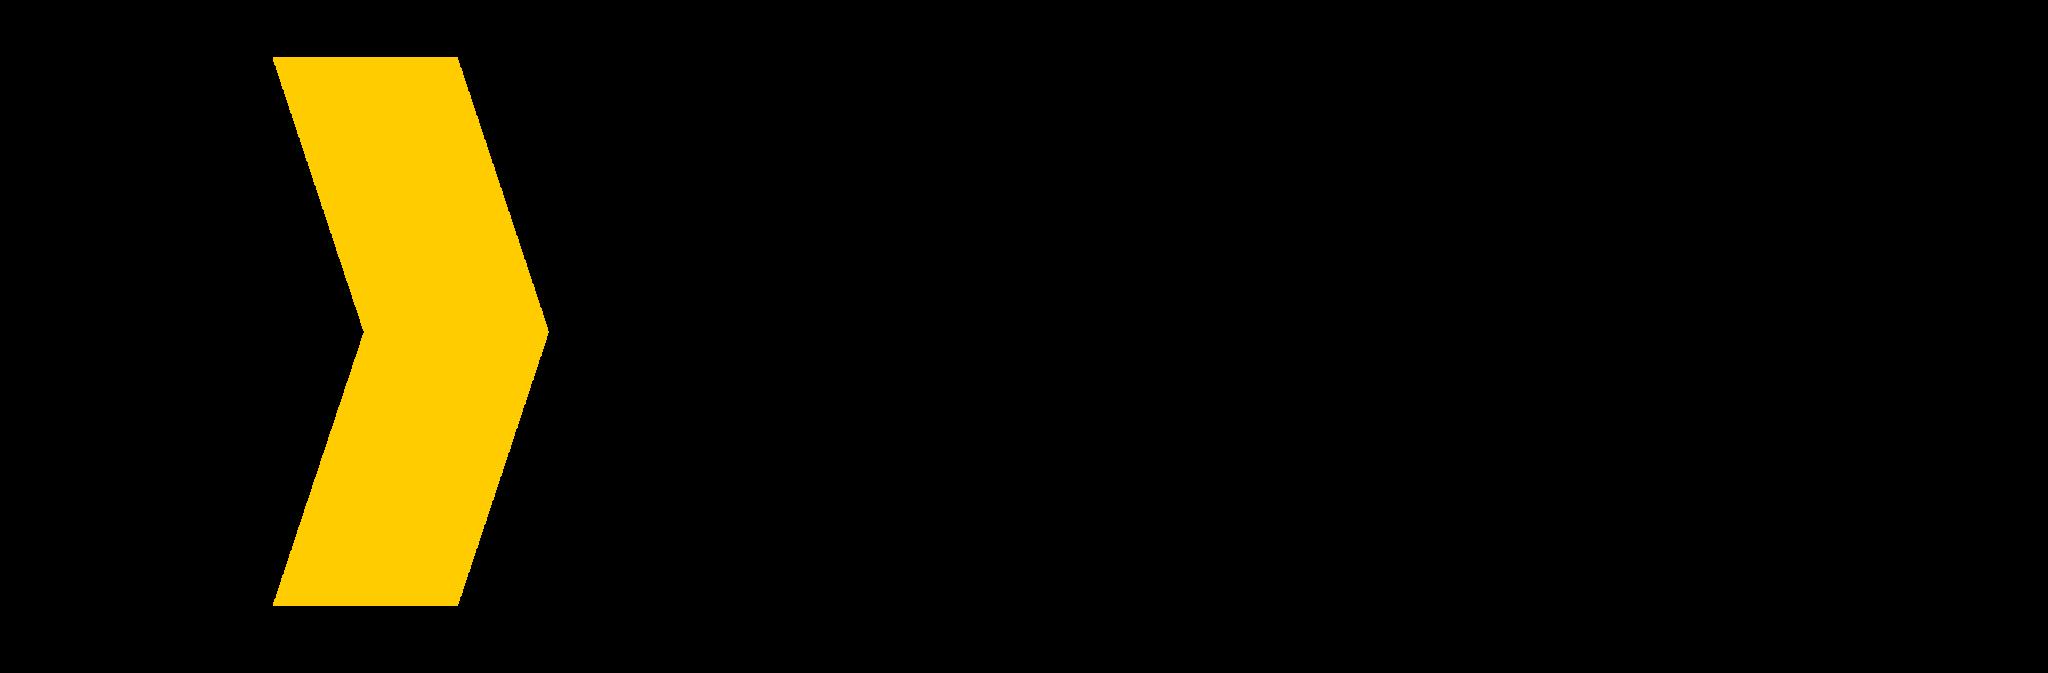 Käfer radsport